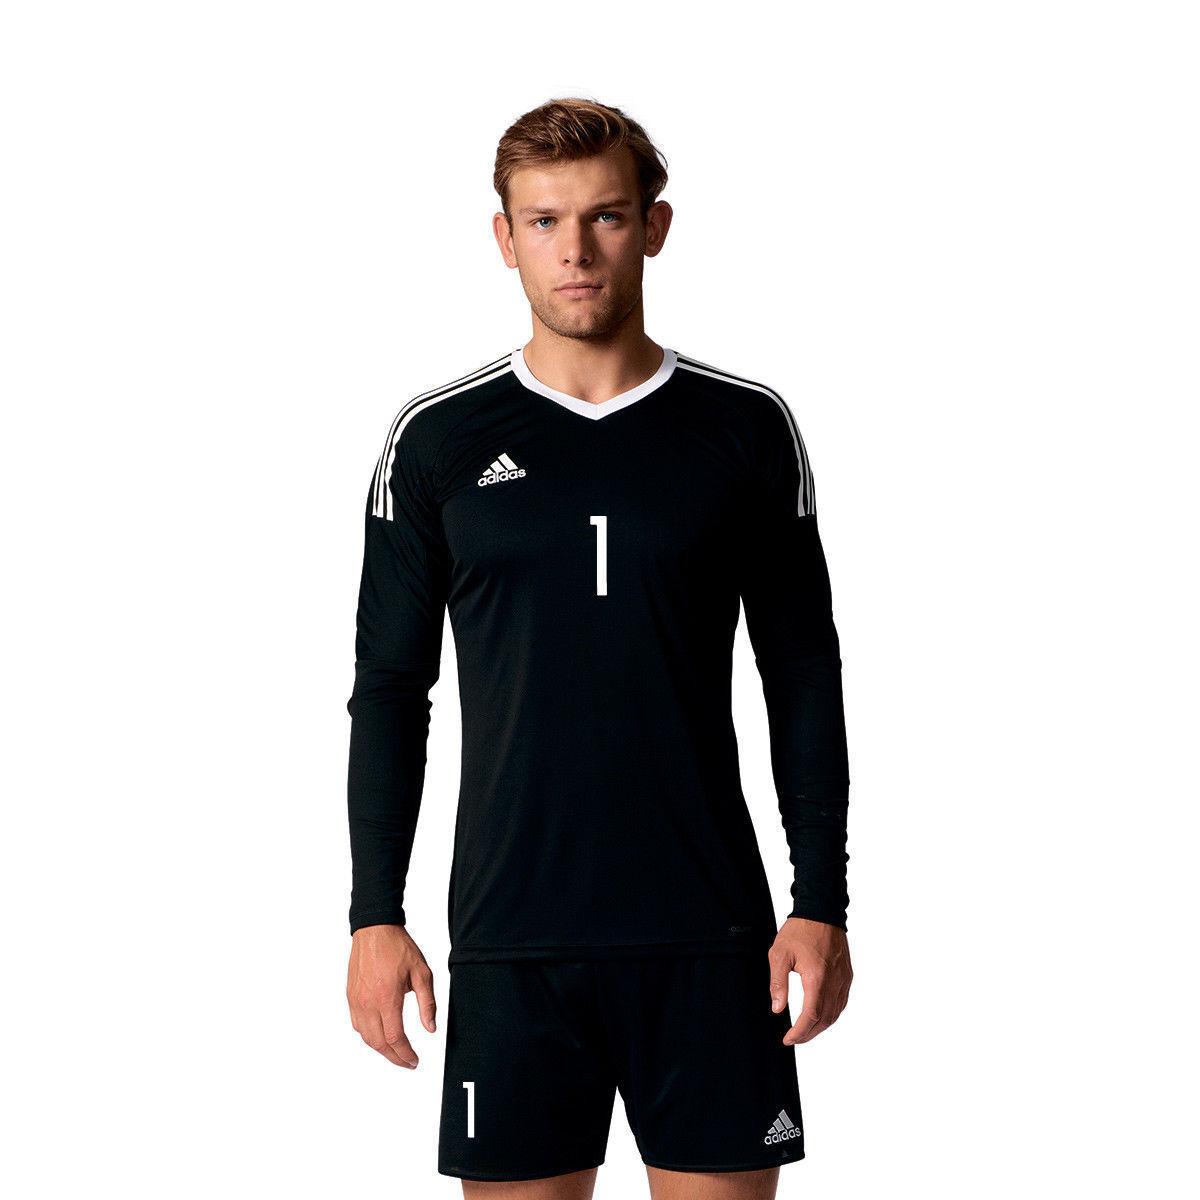 Adidas Fussball Torwart Trikot 2017 Manuel Neuer 1 schwarz weiss